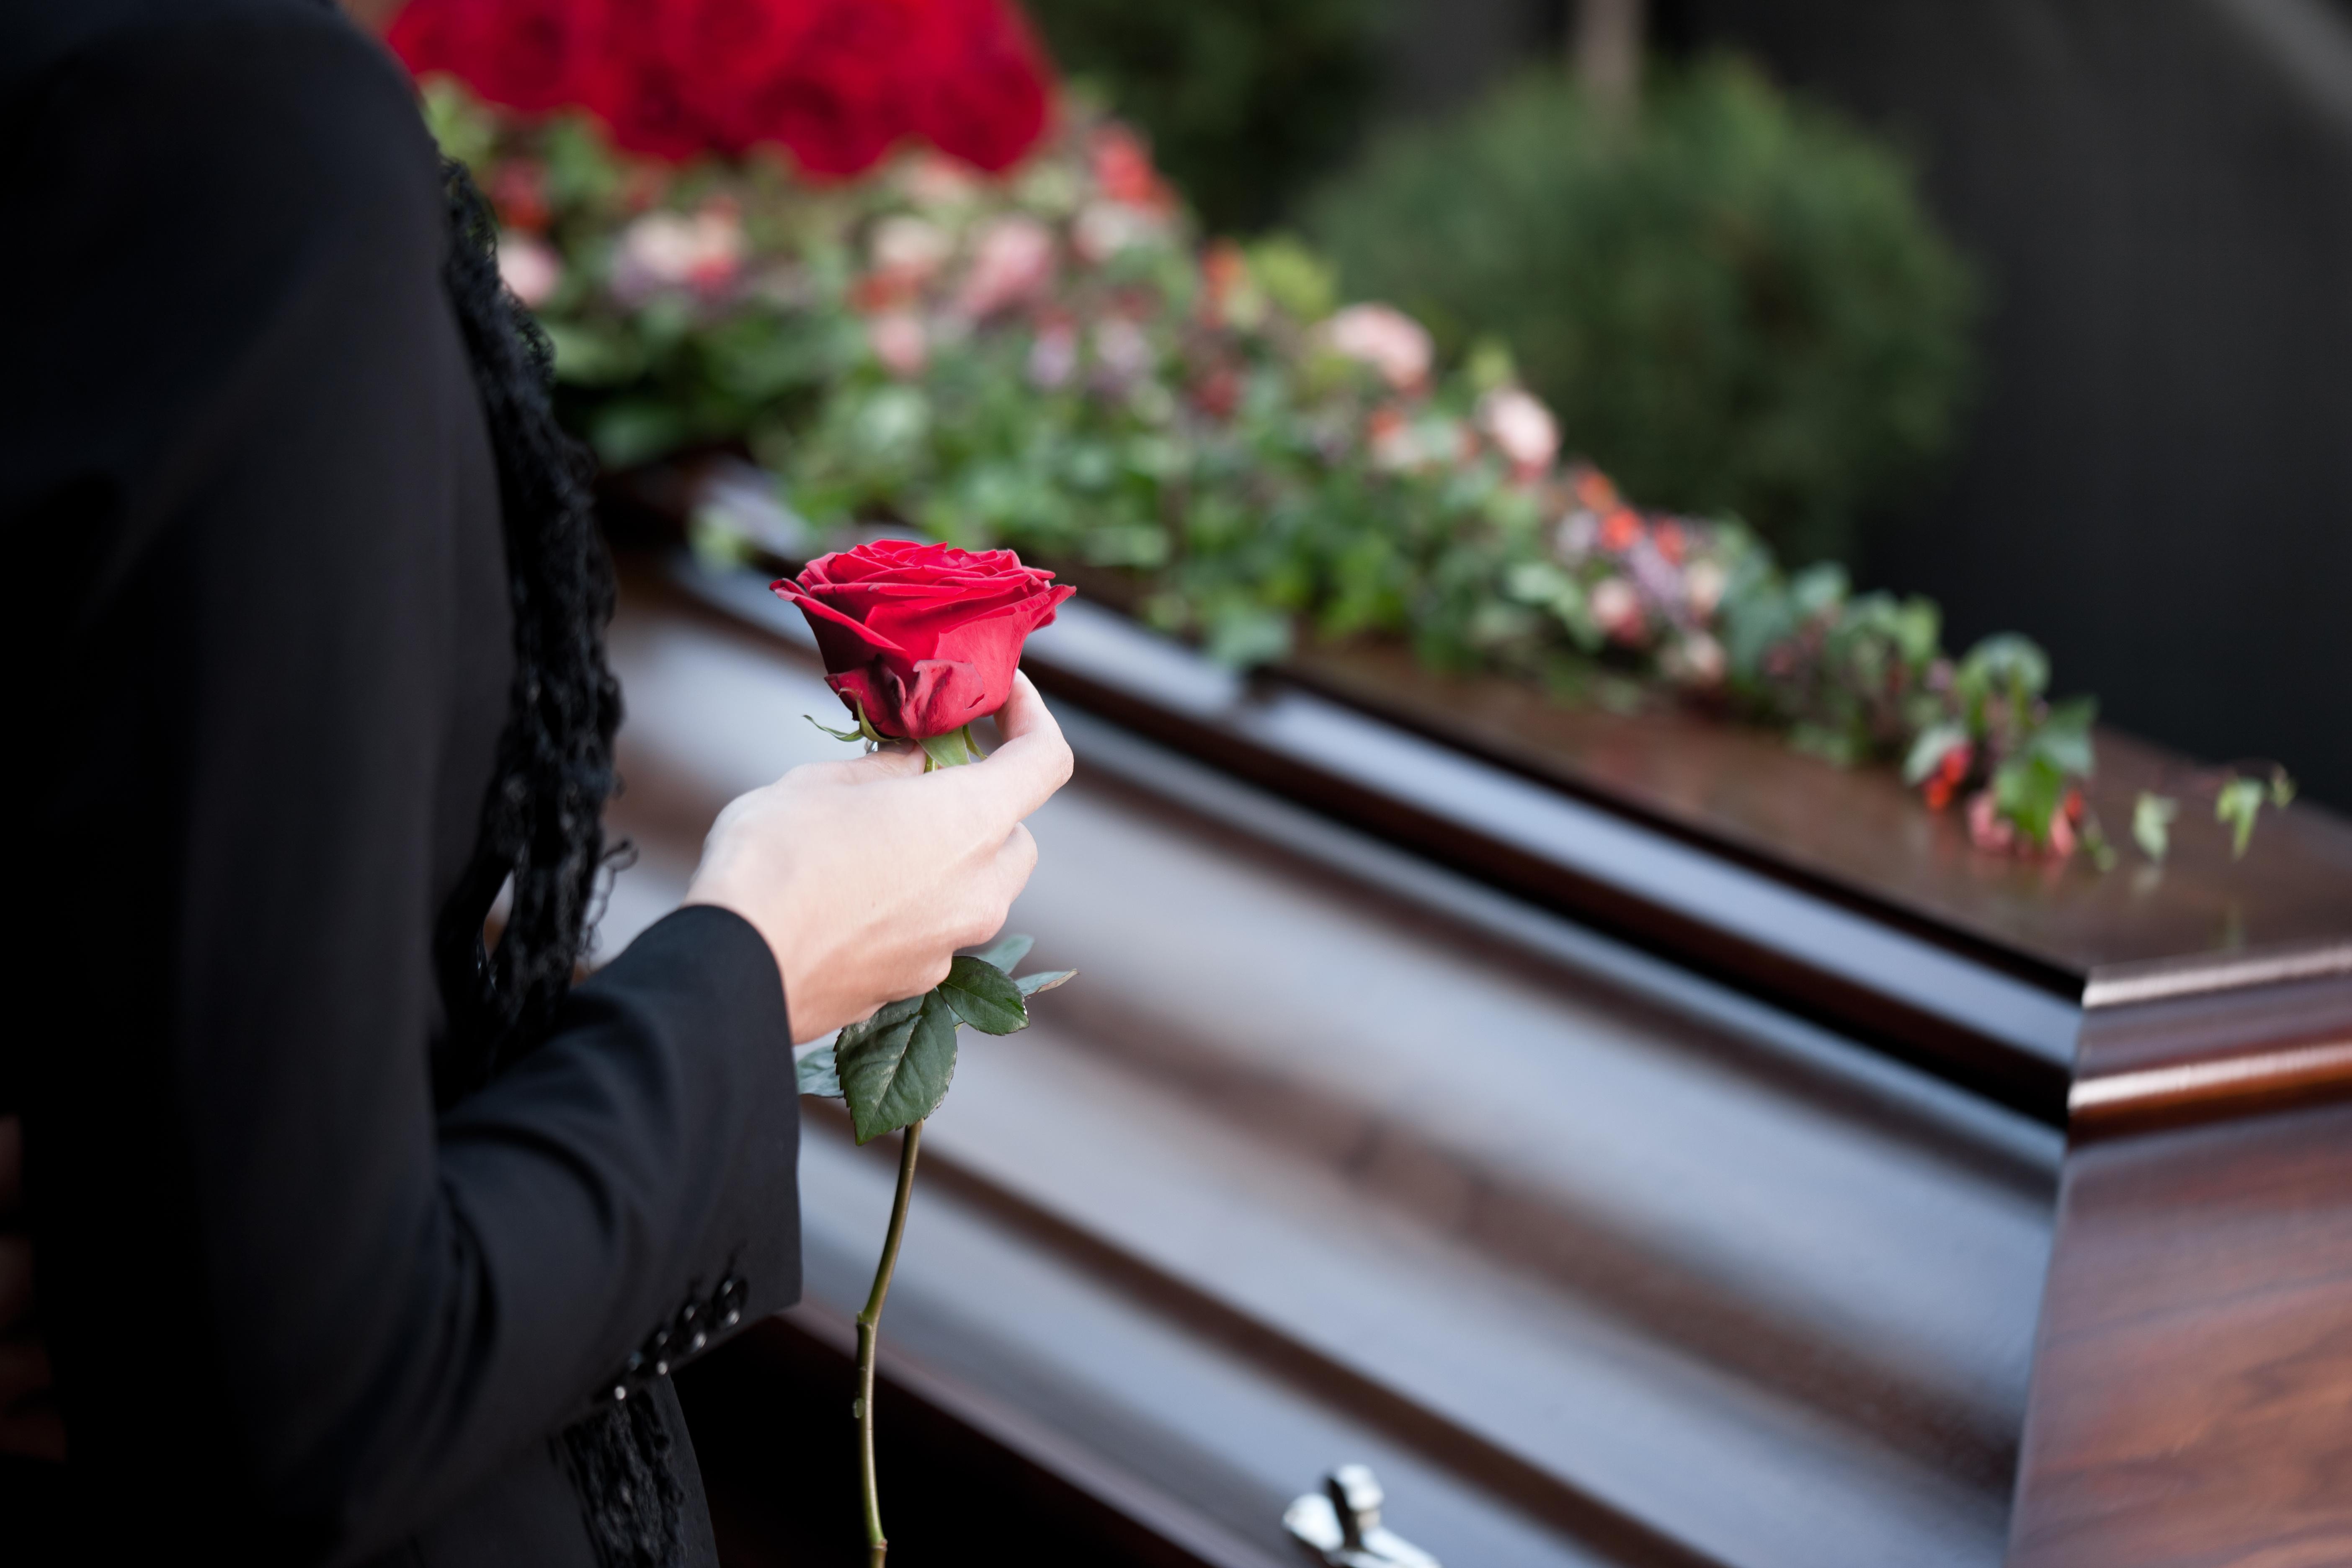 貪婪的老先生想死後跟所有錢一同下葬,結果老太太用了一個超聰明的方法搞定!